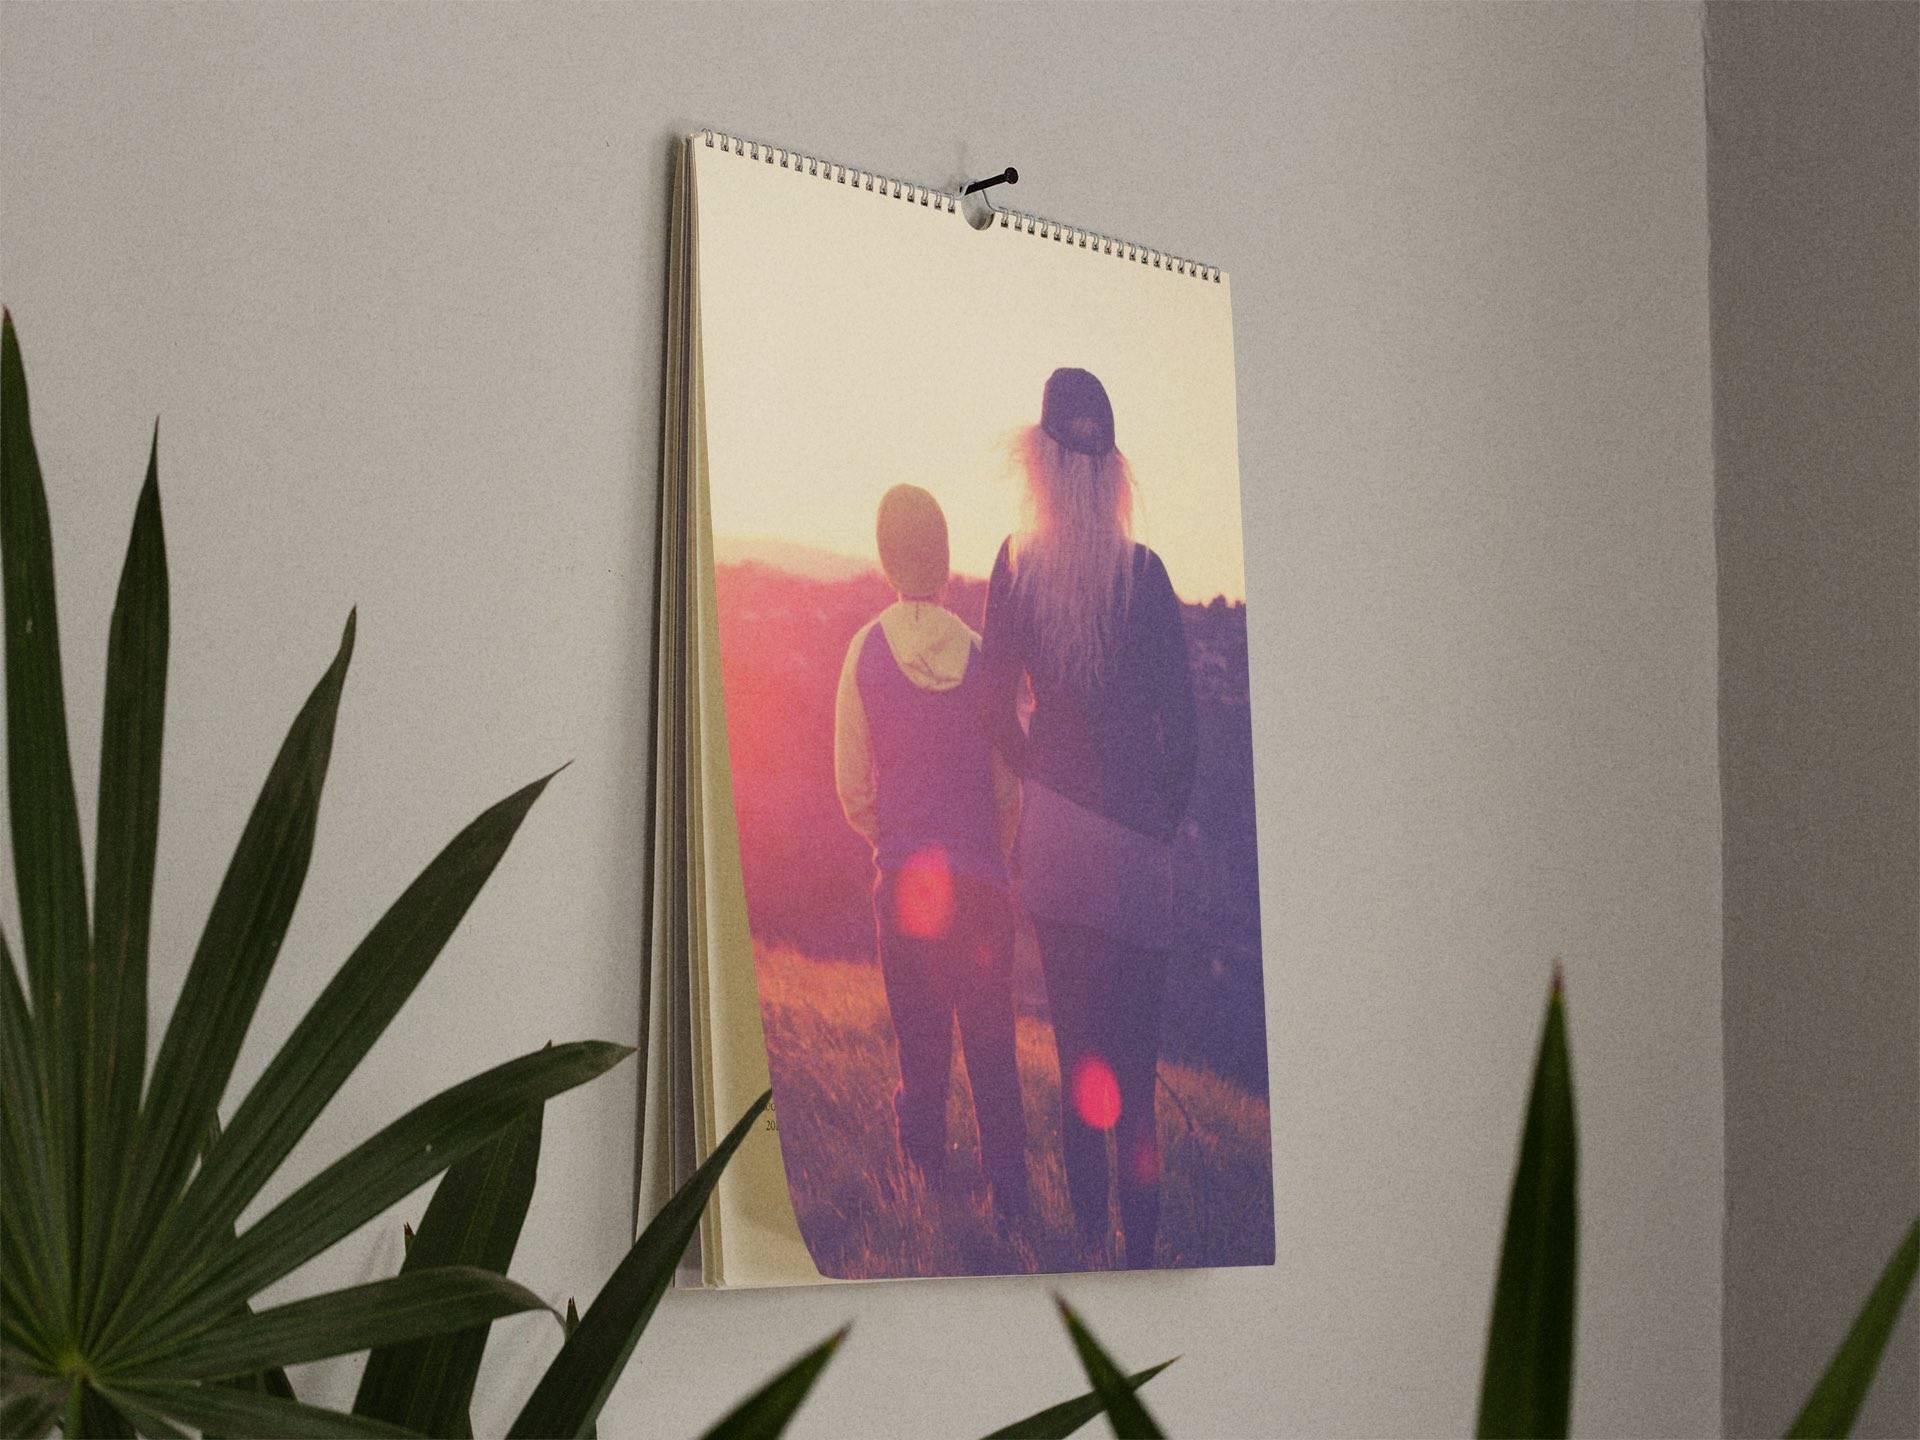 Brug fotokalenderen som udsmykning på den væg